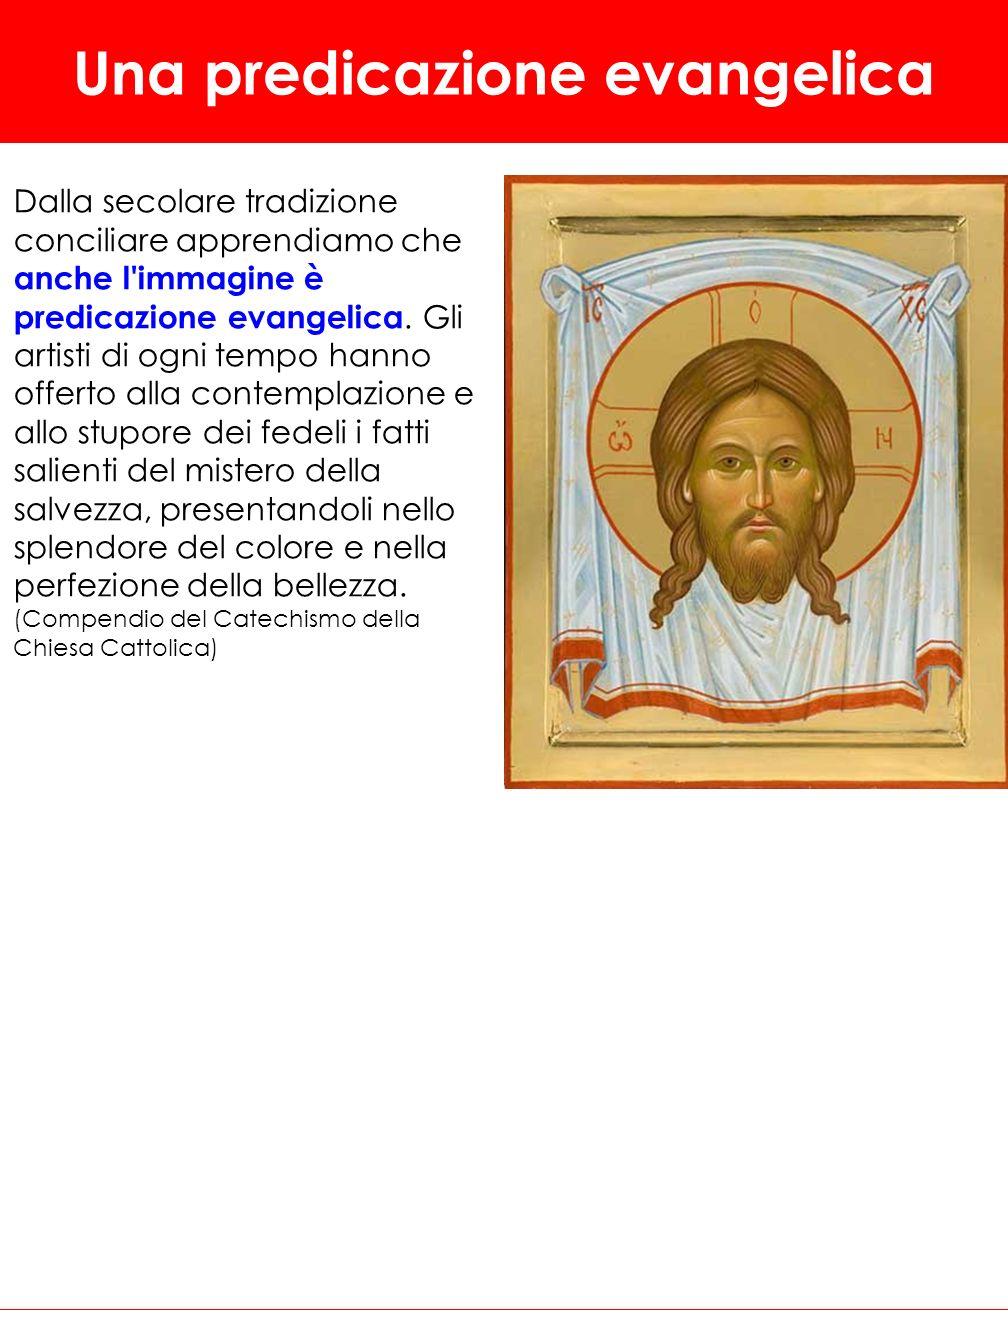 Una predicazione evangelica Dalla secolare tradizione conciliare apprendiamo che anche l'immagine è predicazione evangelica. Gli artisti di ogni tempo